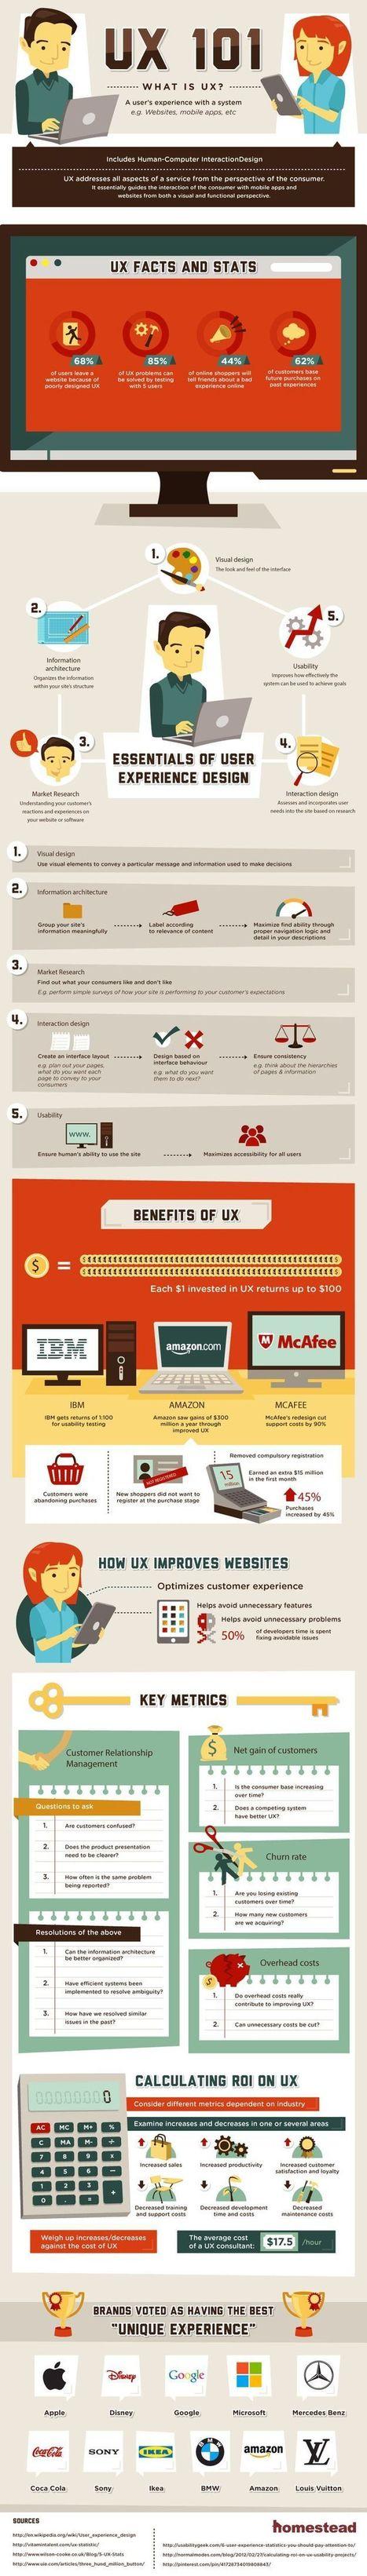 Ergonomie / UX / Webdesign | Toolmapp - Start-Up | Scoop.it